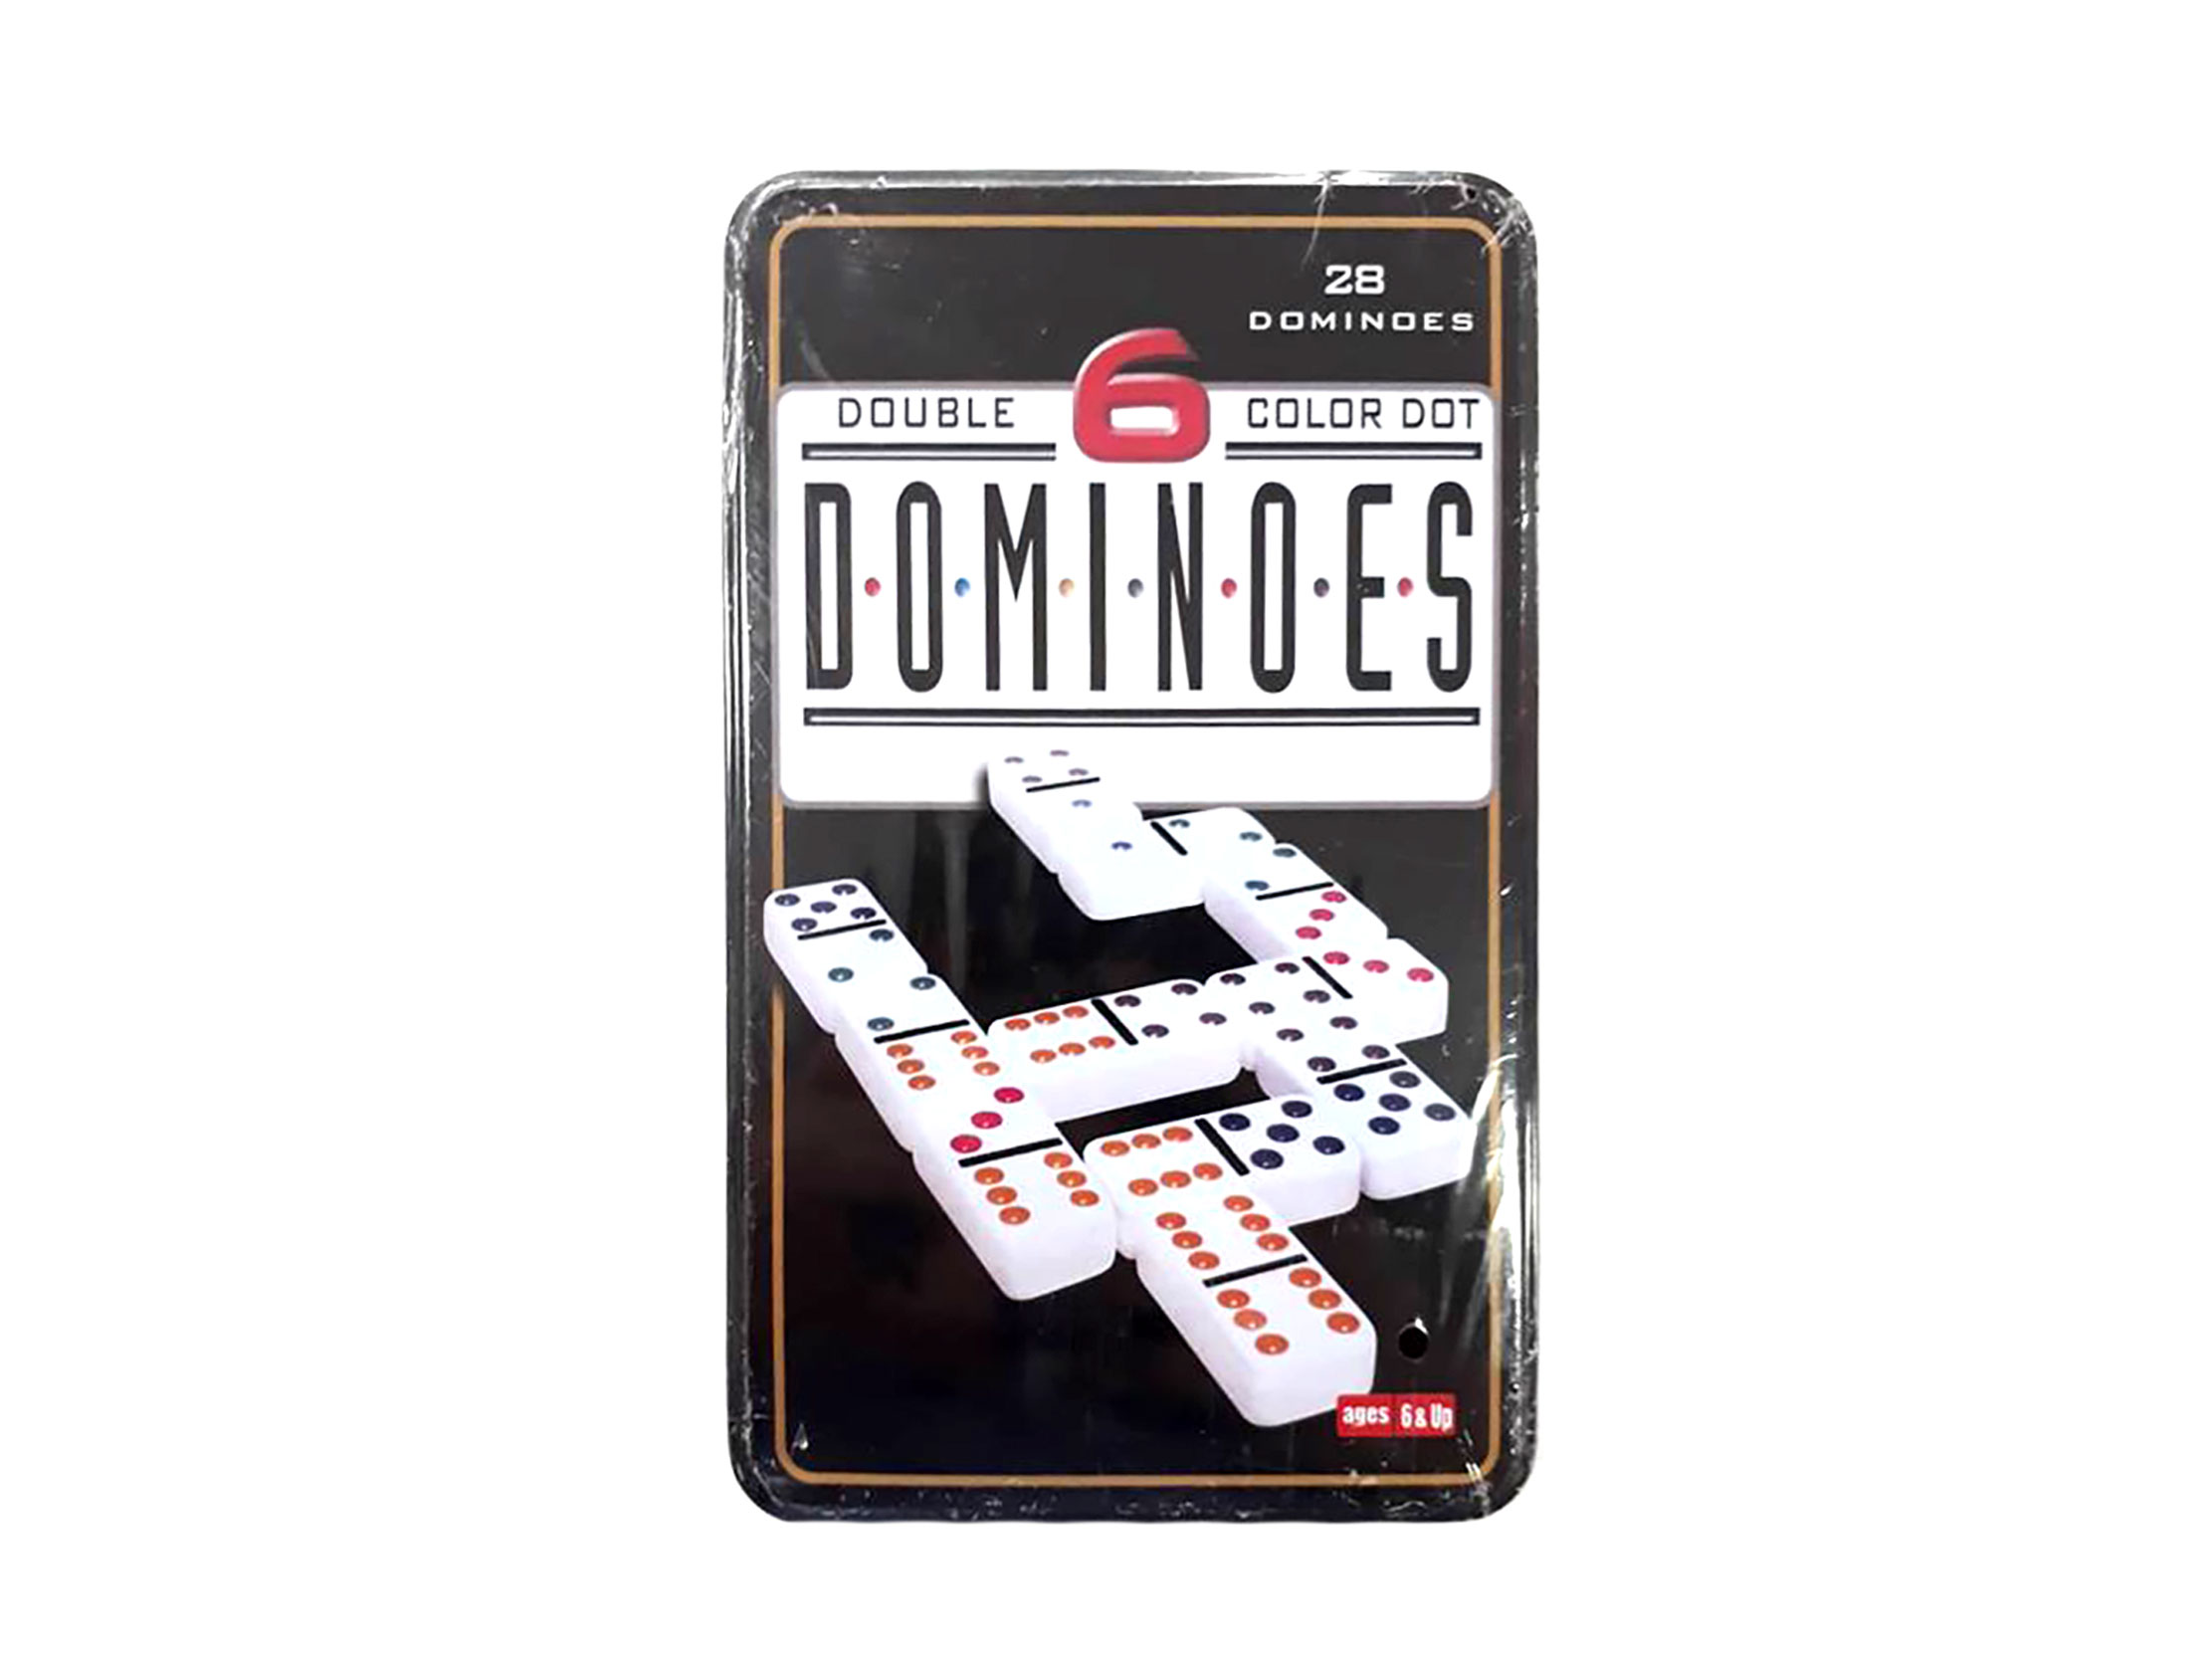 JUEGO DOMINO CAJA METAL 3JG-D6-5210T